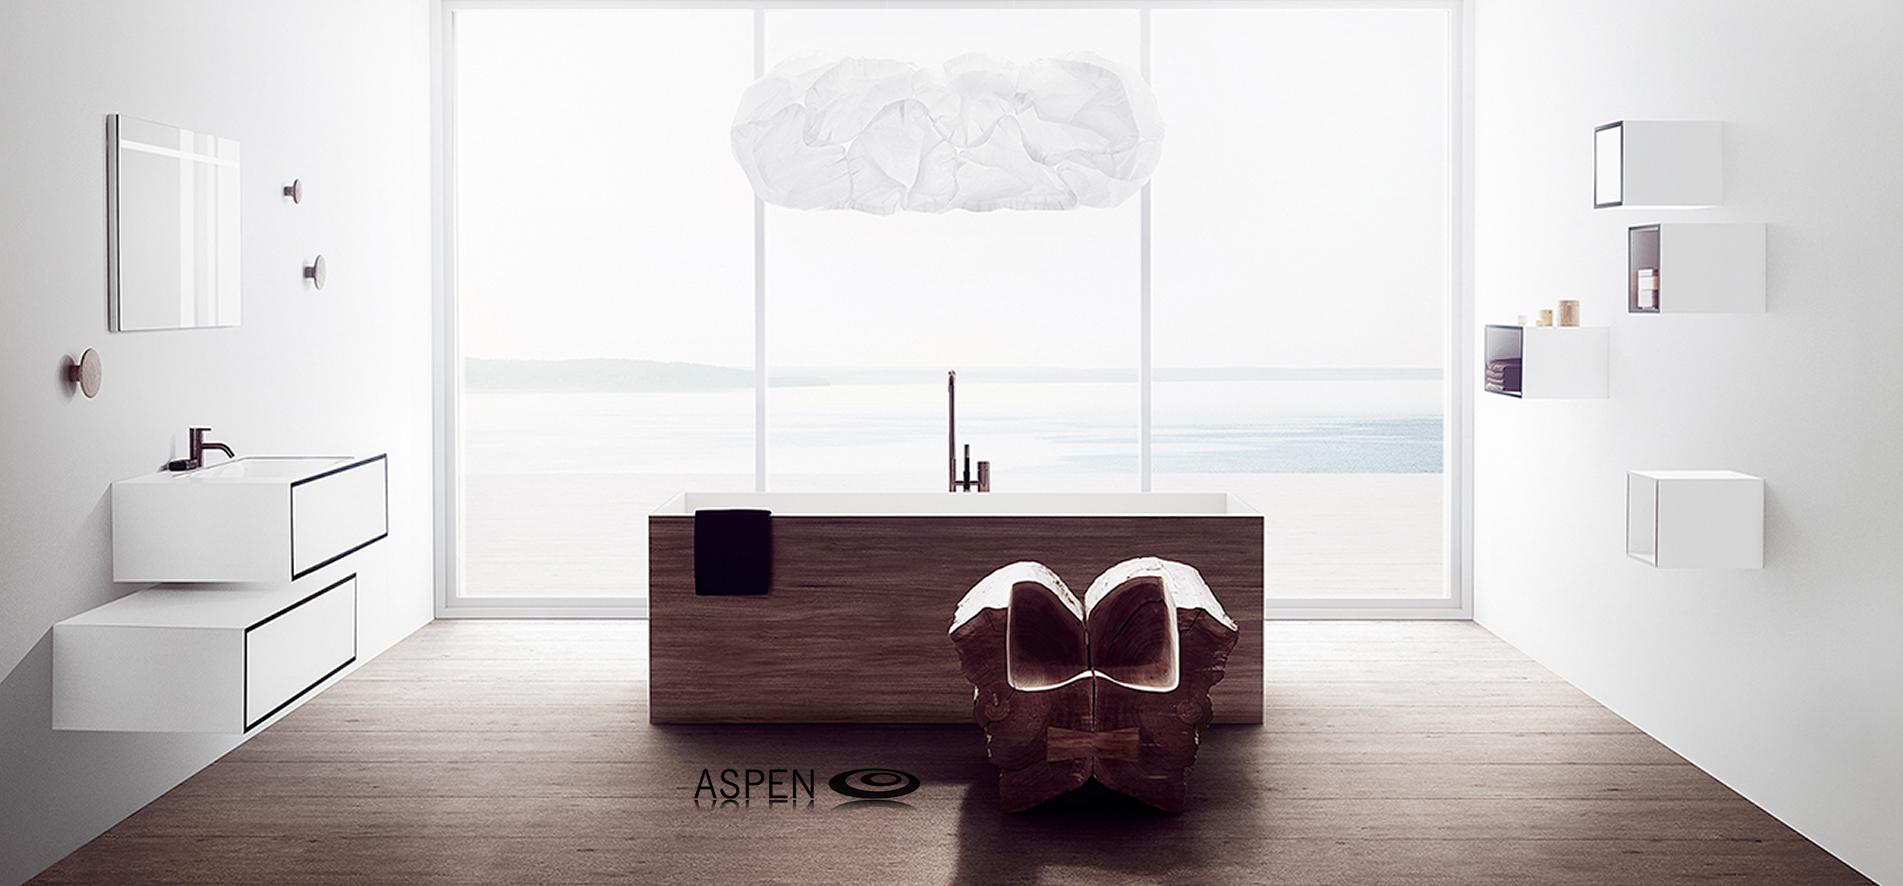 aspen-bad-kooperation-referenz-feldmann-trennwandsysteme-baeder-badezimmer-bath-waschtisch-design-minimal-room-style